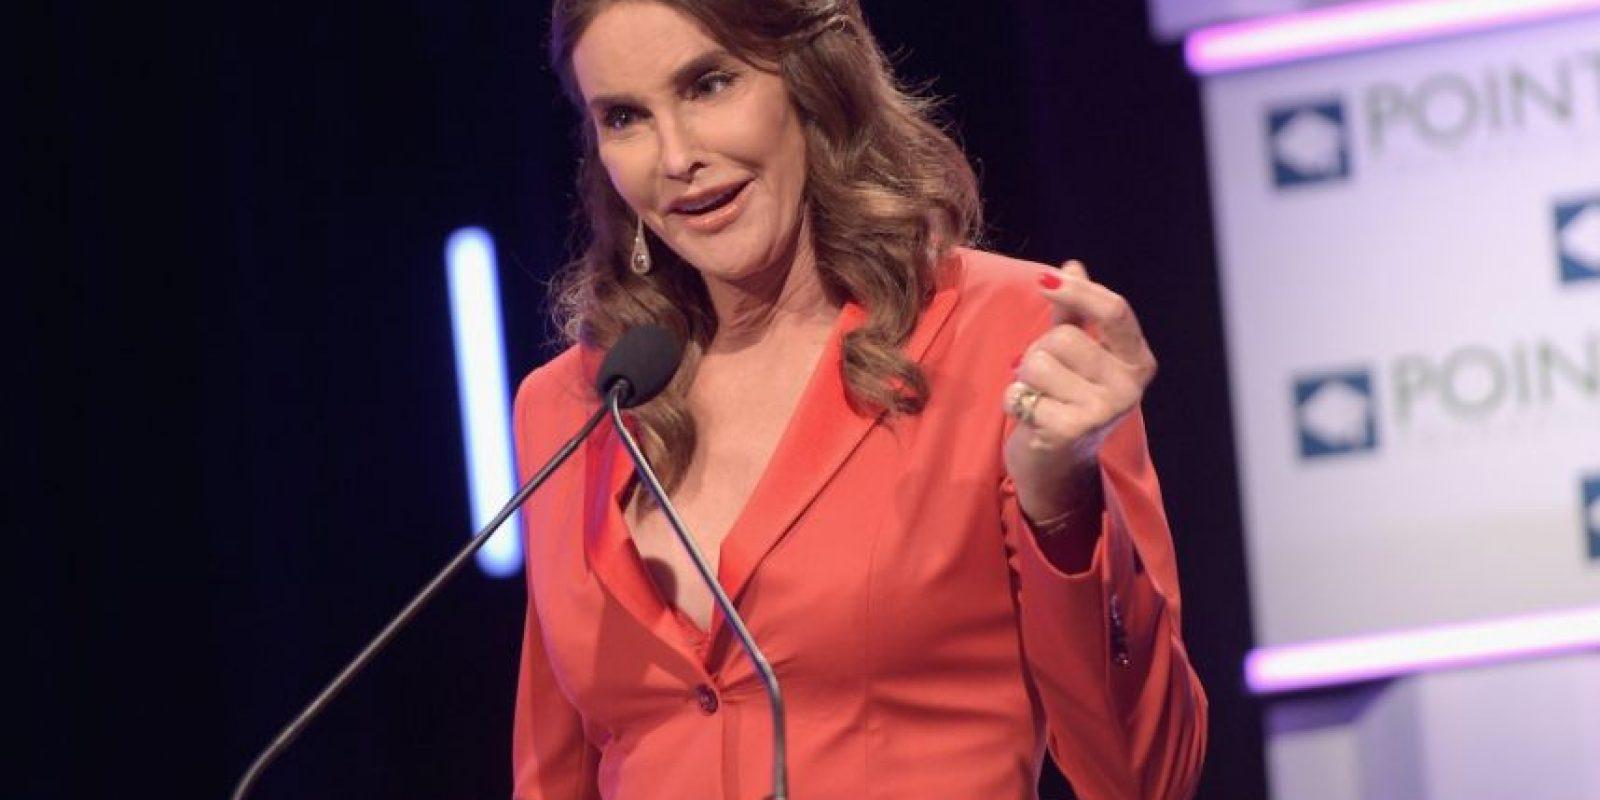 Y se convirtió en un ícono de la lucha por los derechos de la comunidad LGBT (lesbianas, gays, bisexuales y transexuales). Foto:Getty Images